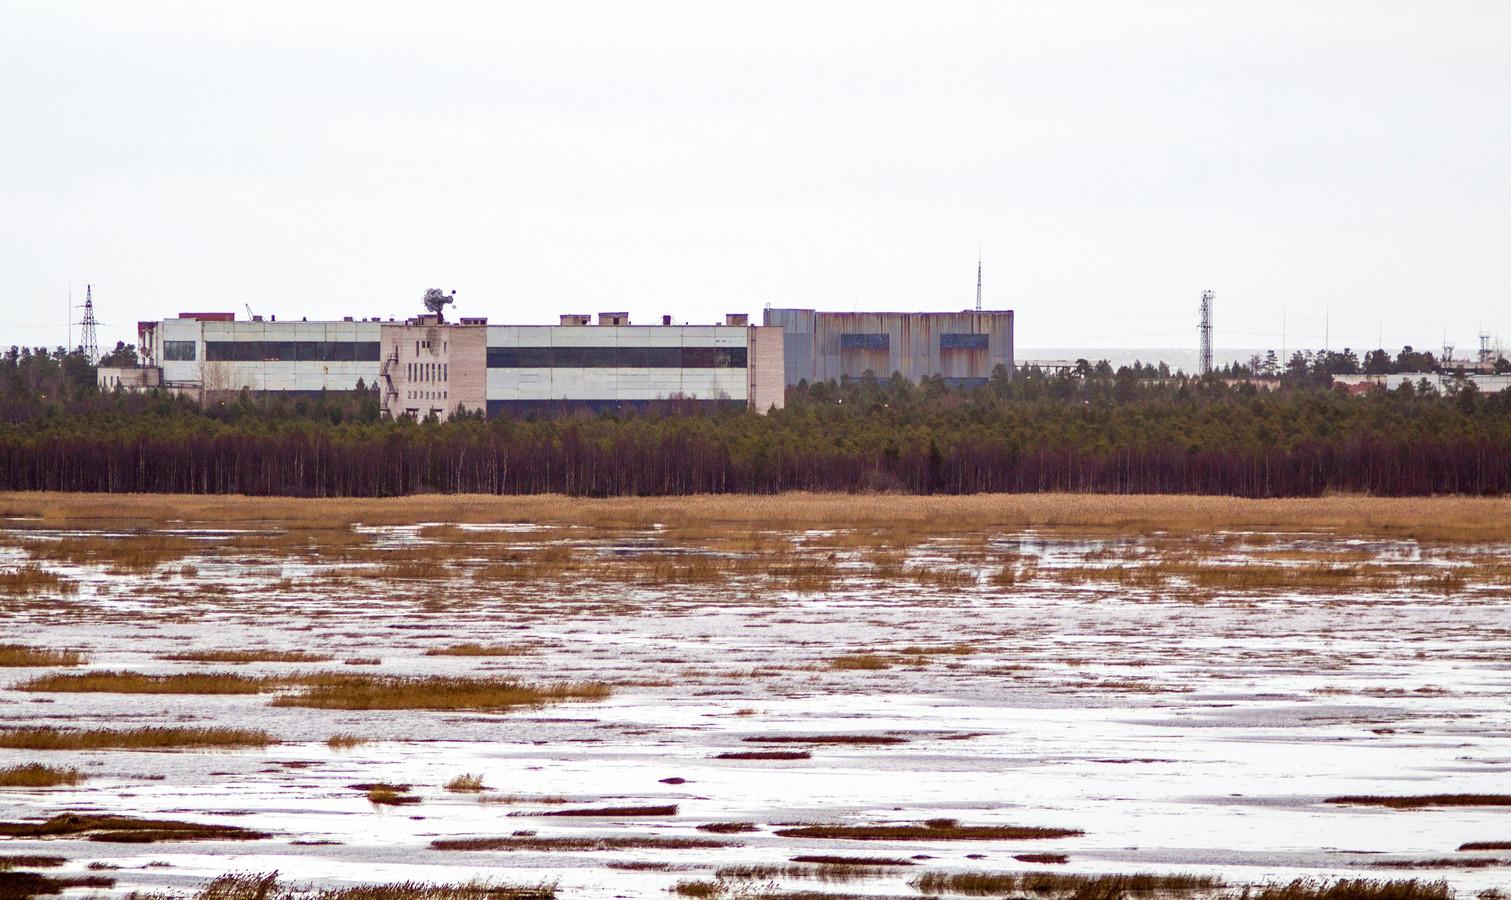 De militaire basis in Nyonoska, in de regio Arkhangelsk.